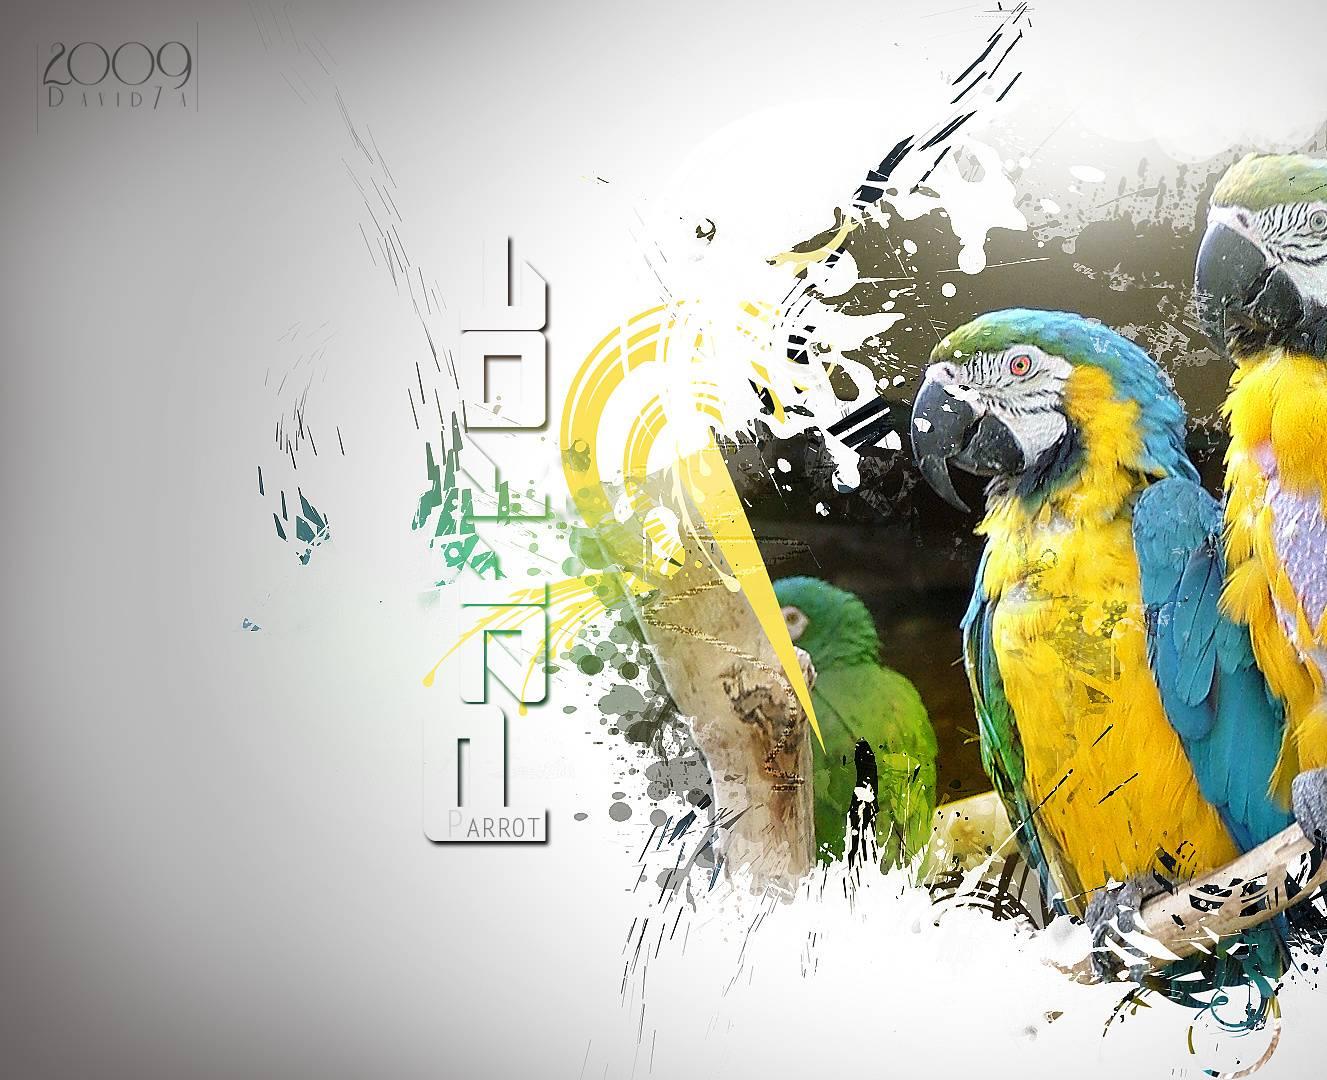 Mihit Parrot